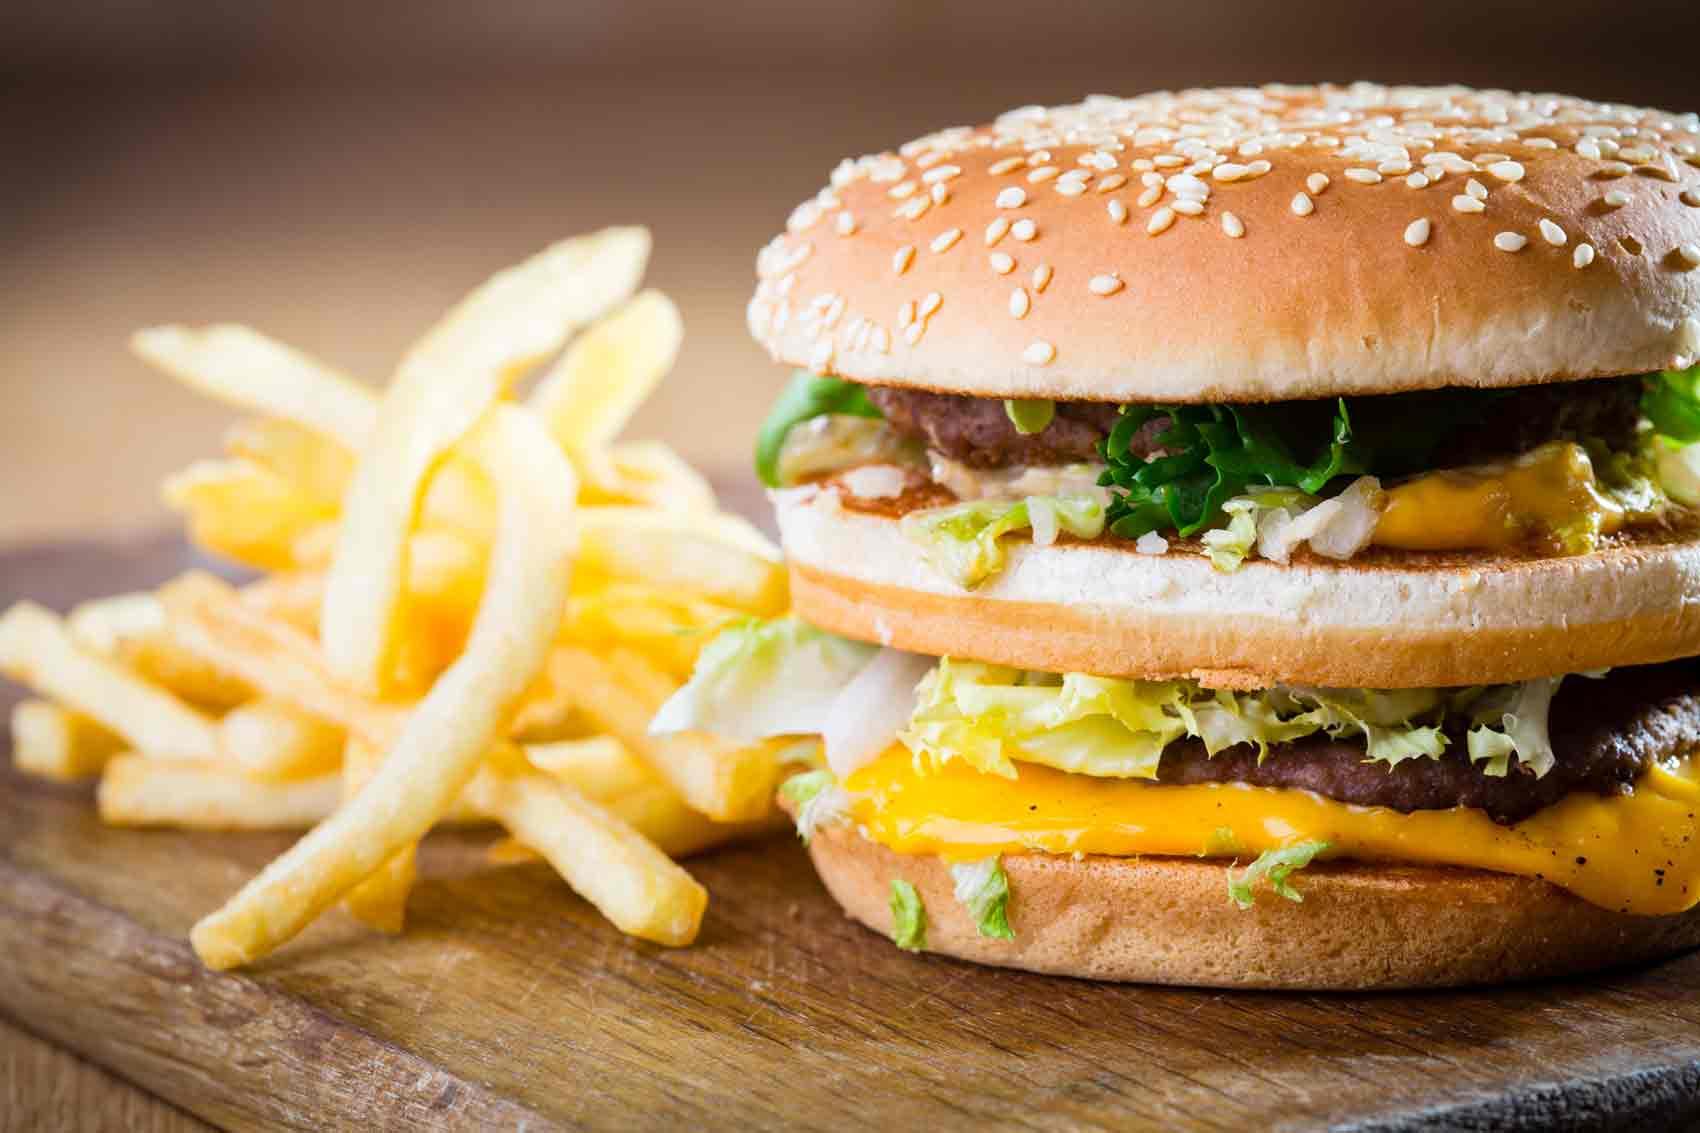 узнать, вредные гамбургеры картинки побег довольно жесткий